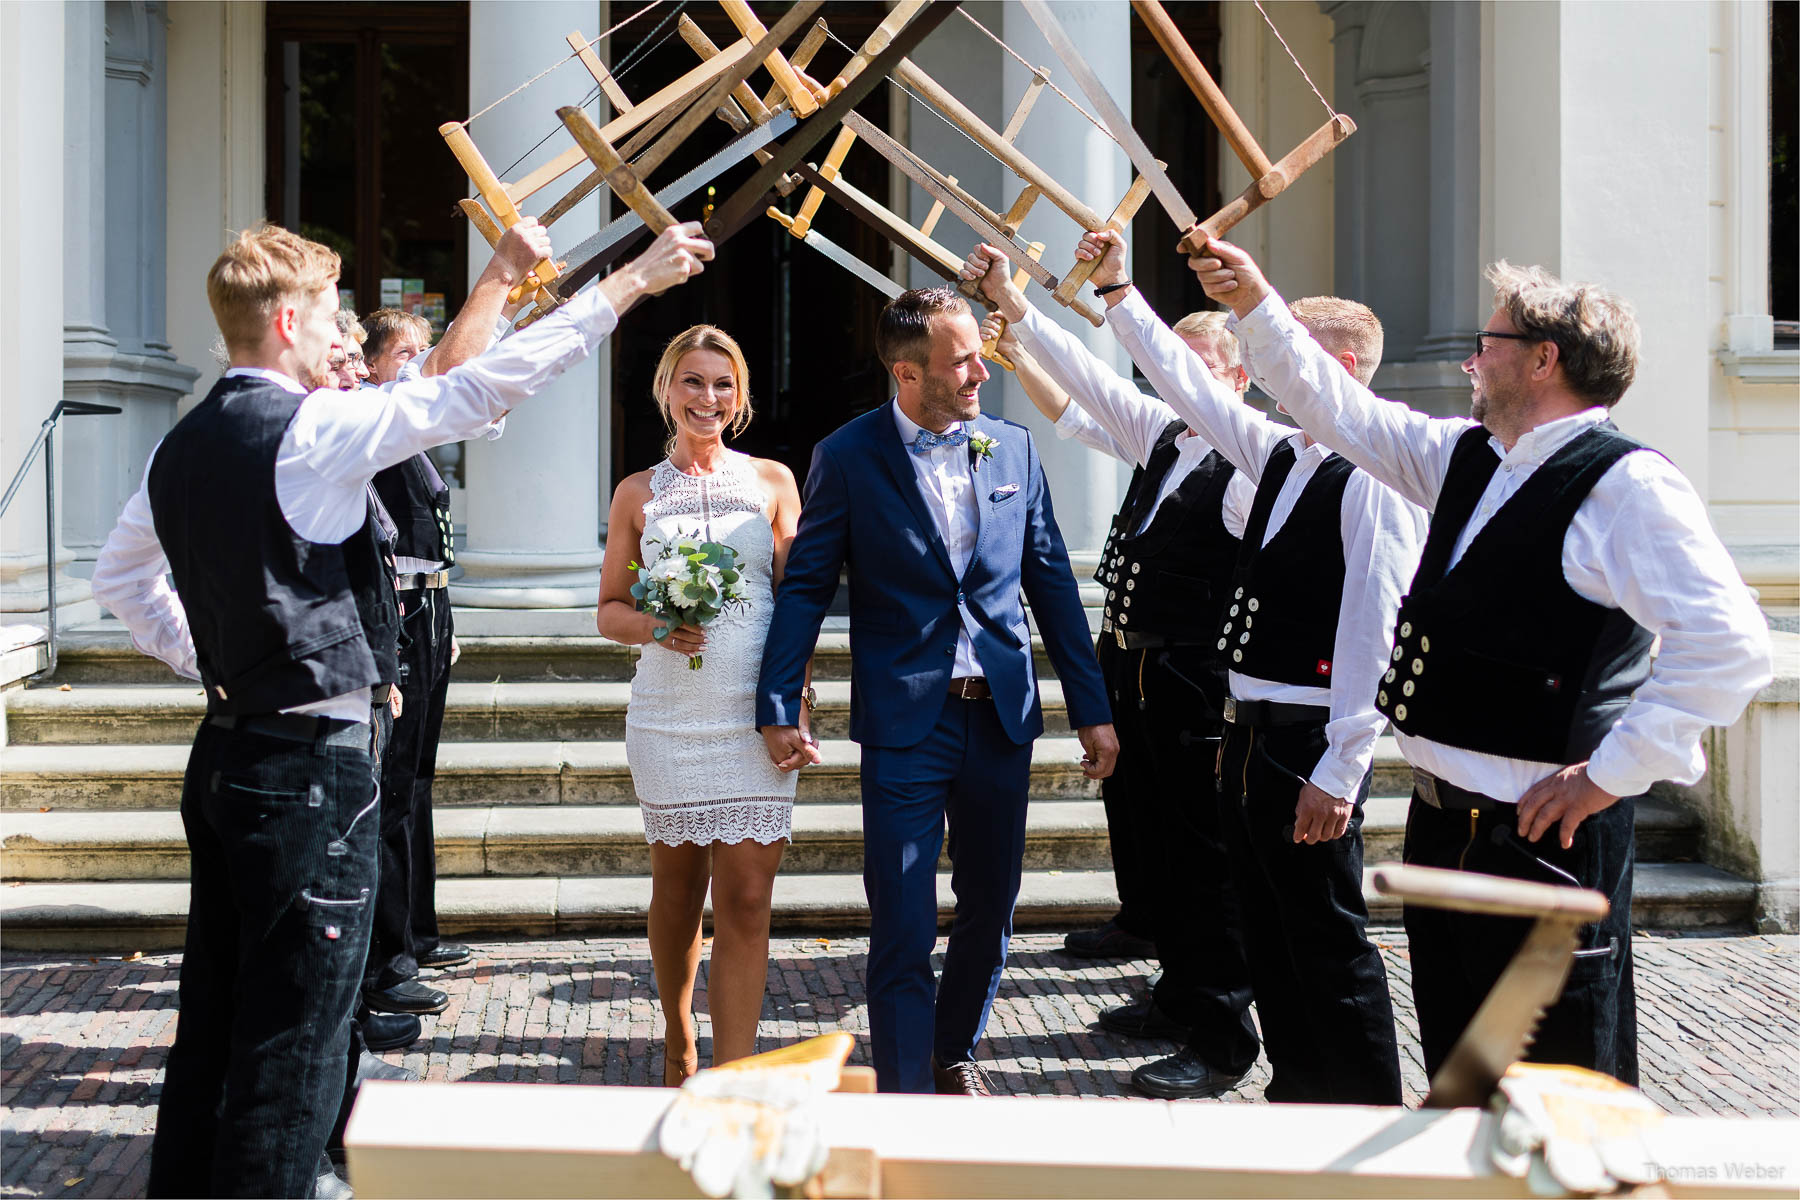 Standesamtliche Hochzeit im Palais Rastede, Hochzeitsfotograf Thomas Weber aus Oldenburg